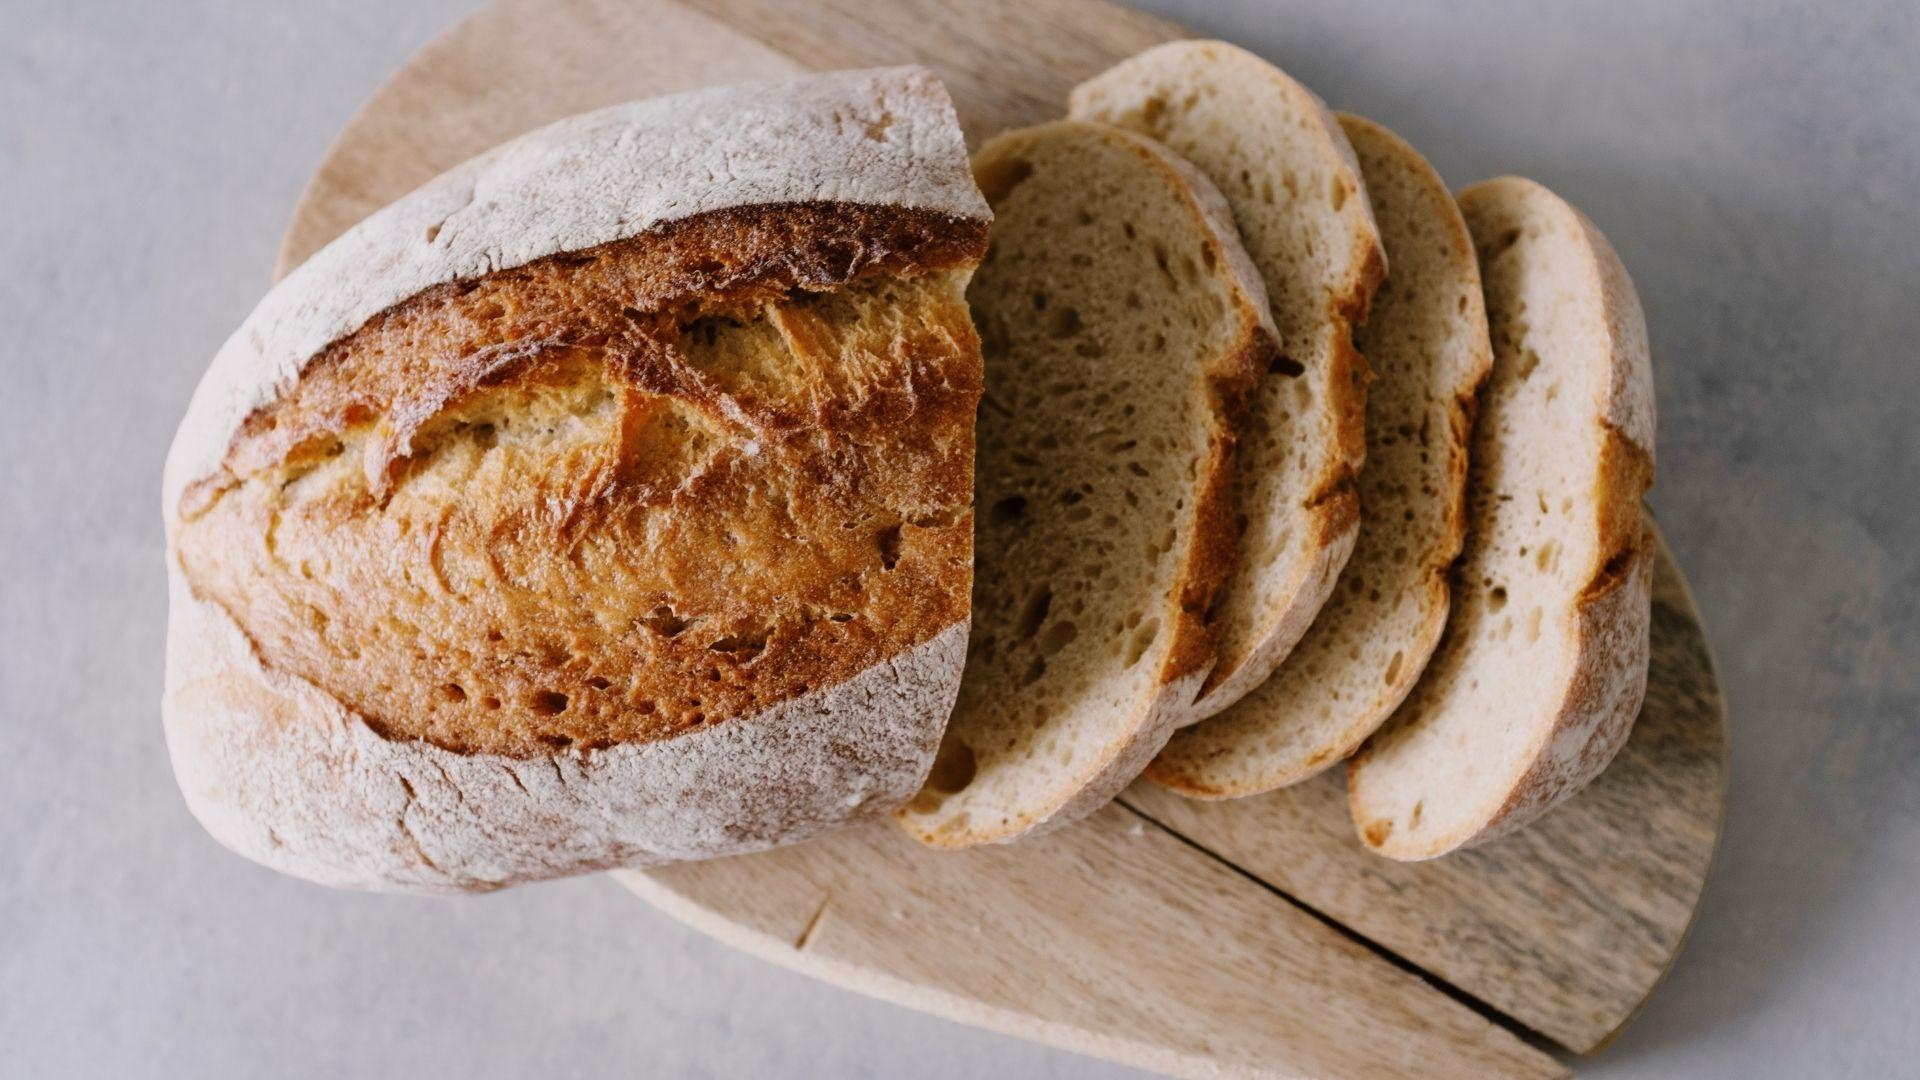 02 Scheibe Brot Kalorien - ©www.canva.com